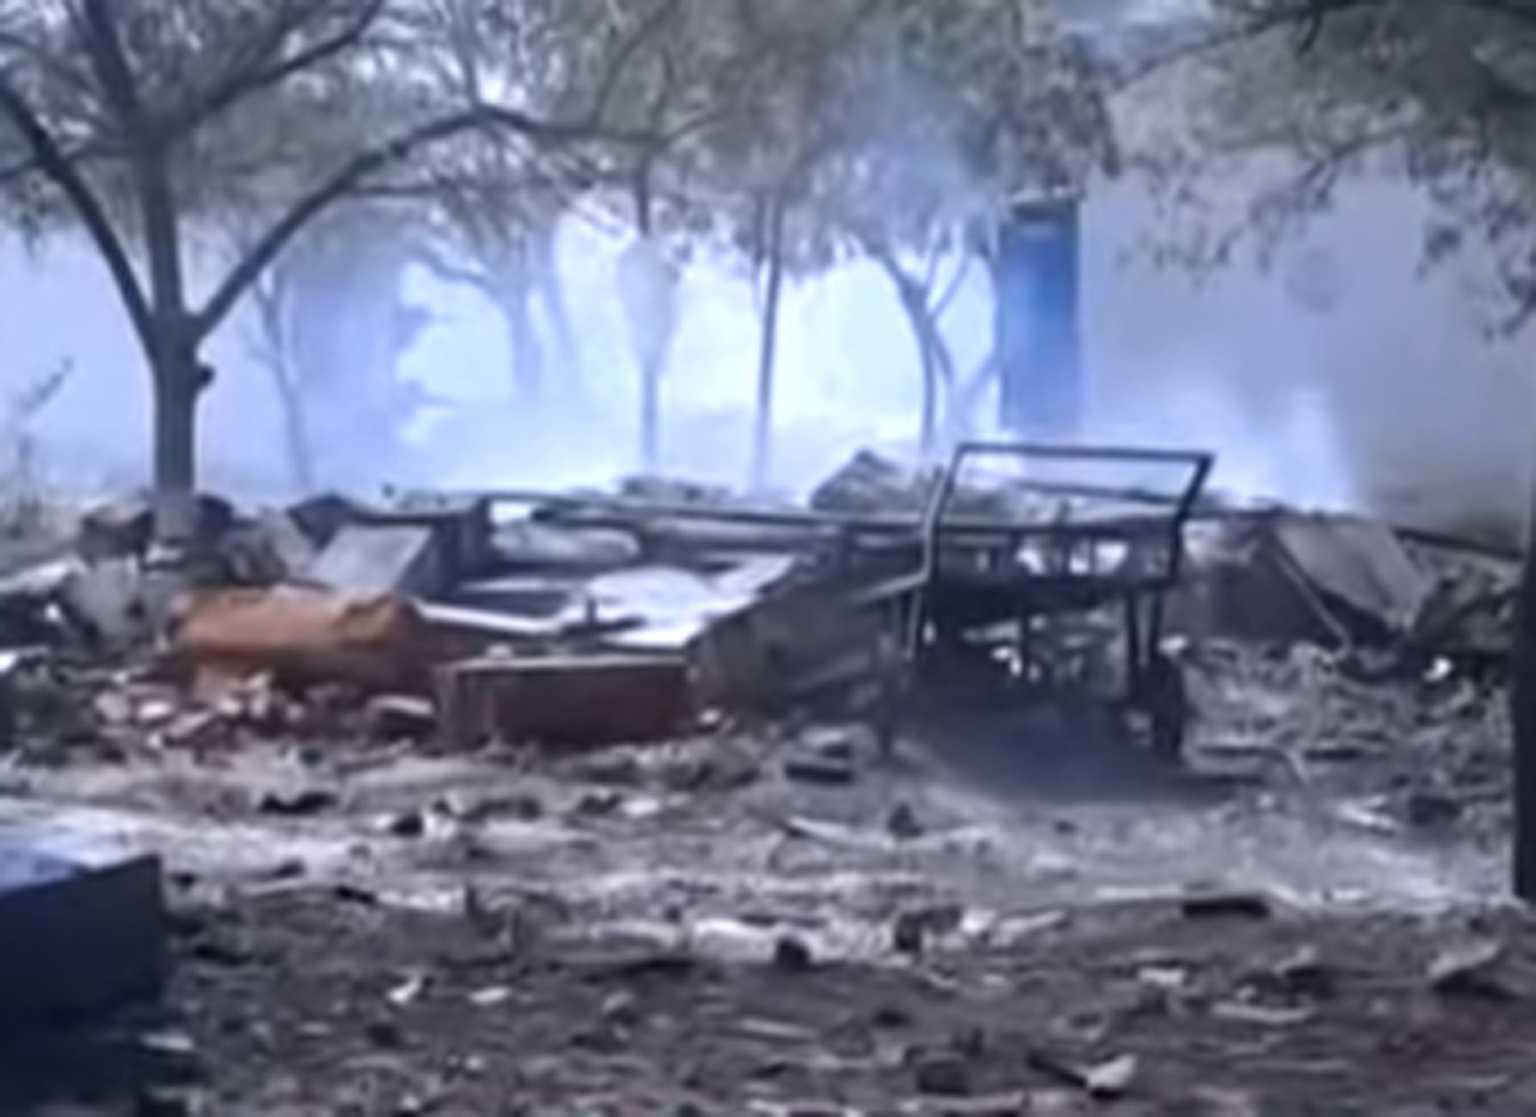 Ινδία: Δεκάδες νεκροί από έκρηξη σε εργοστάσιο βεγγαλικών /ΒΙΝΤΕΟ